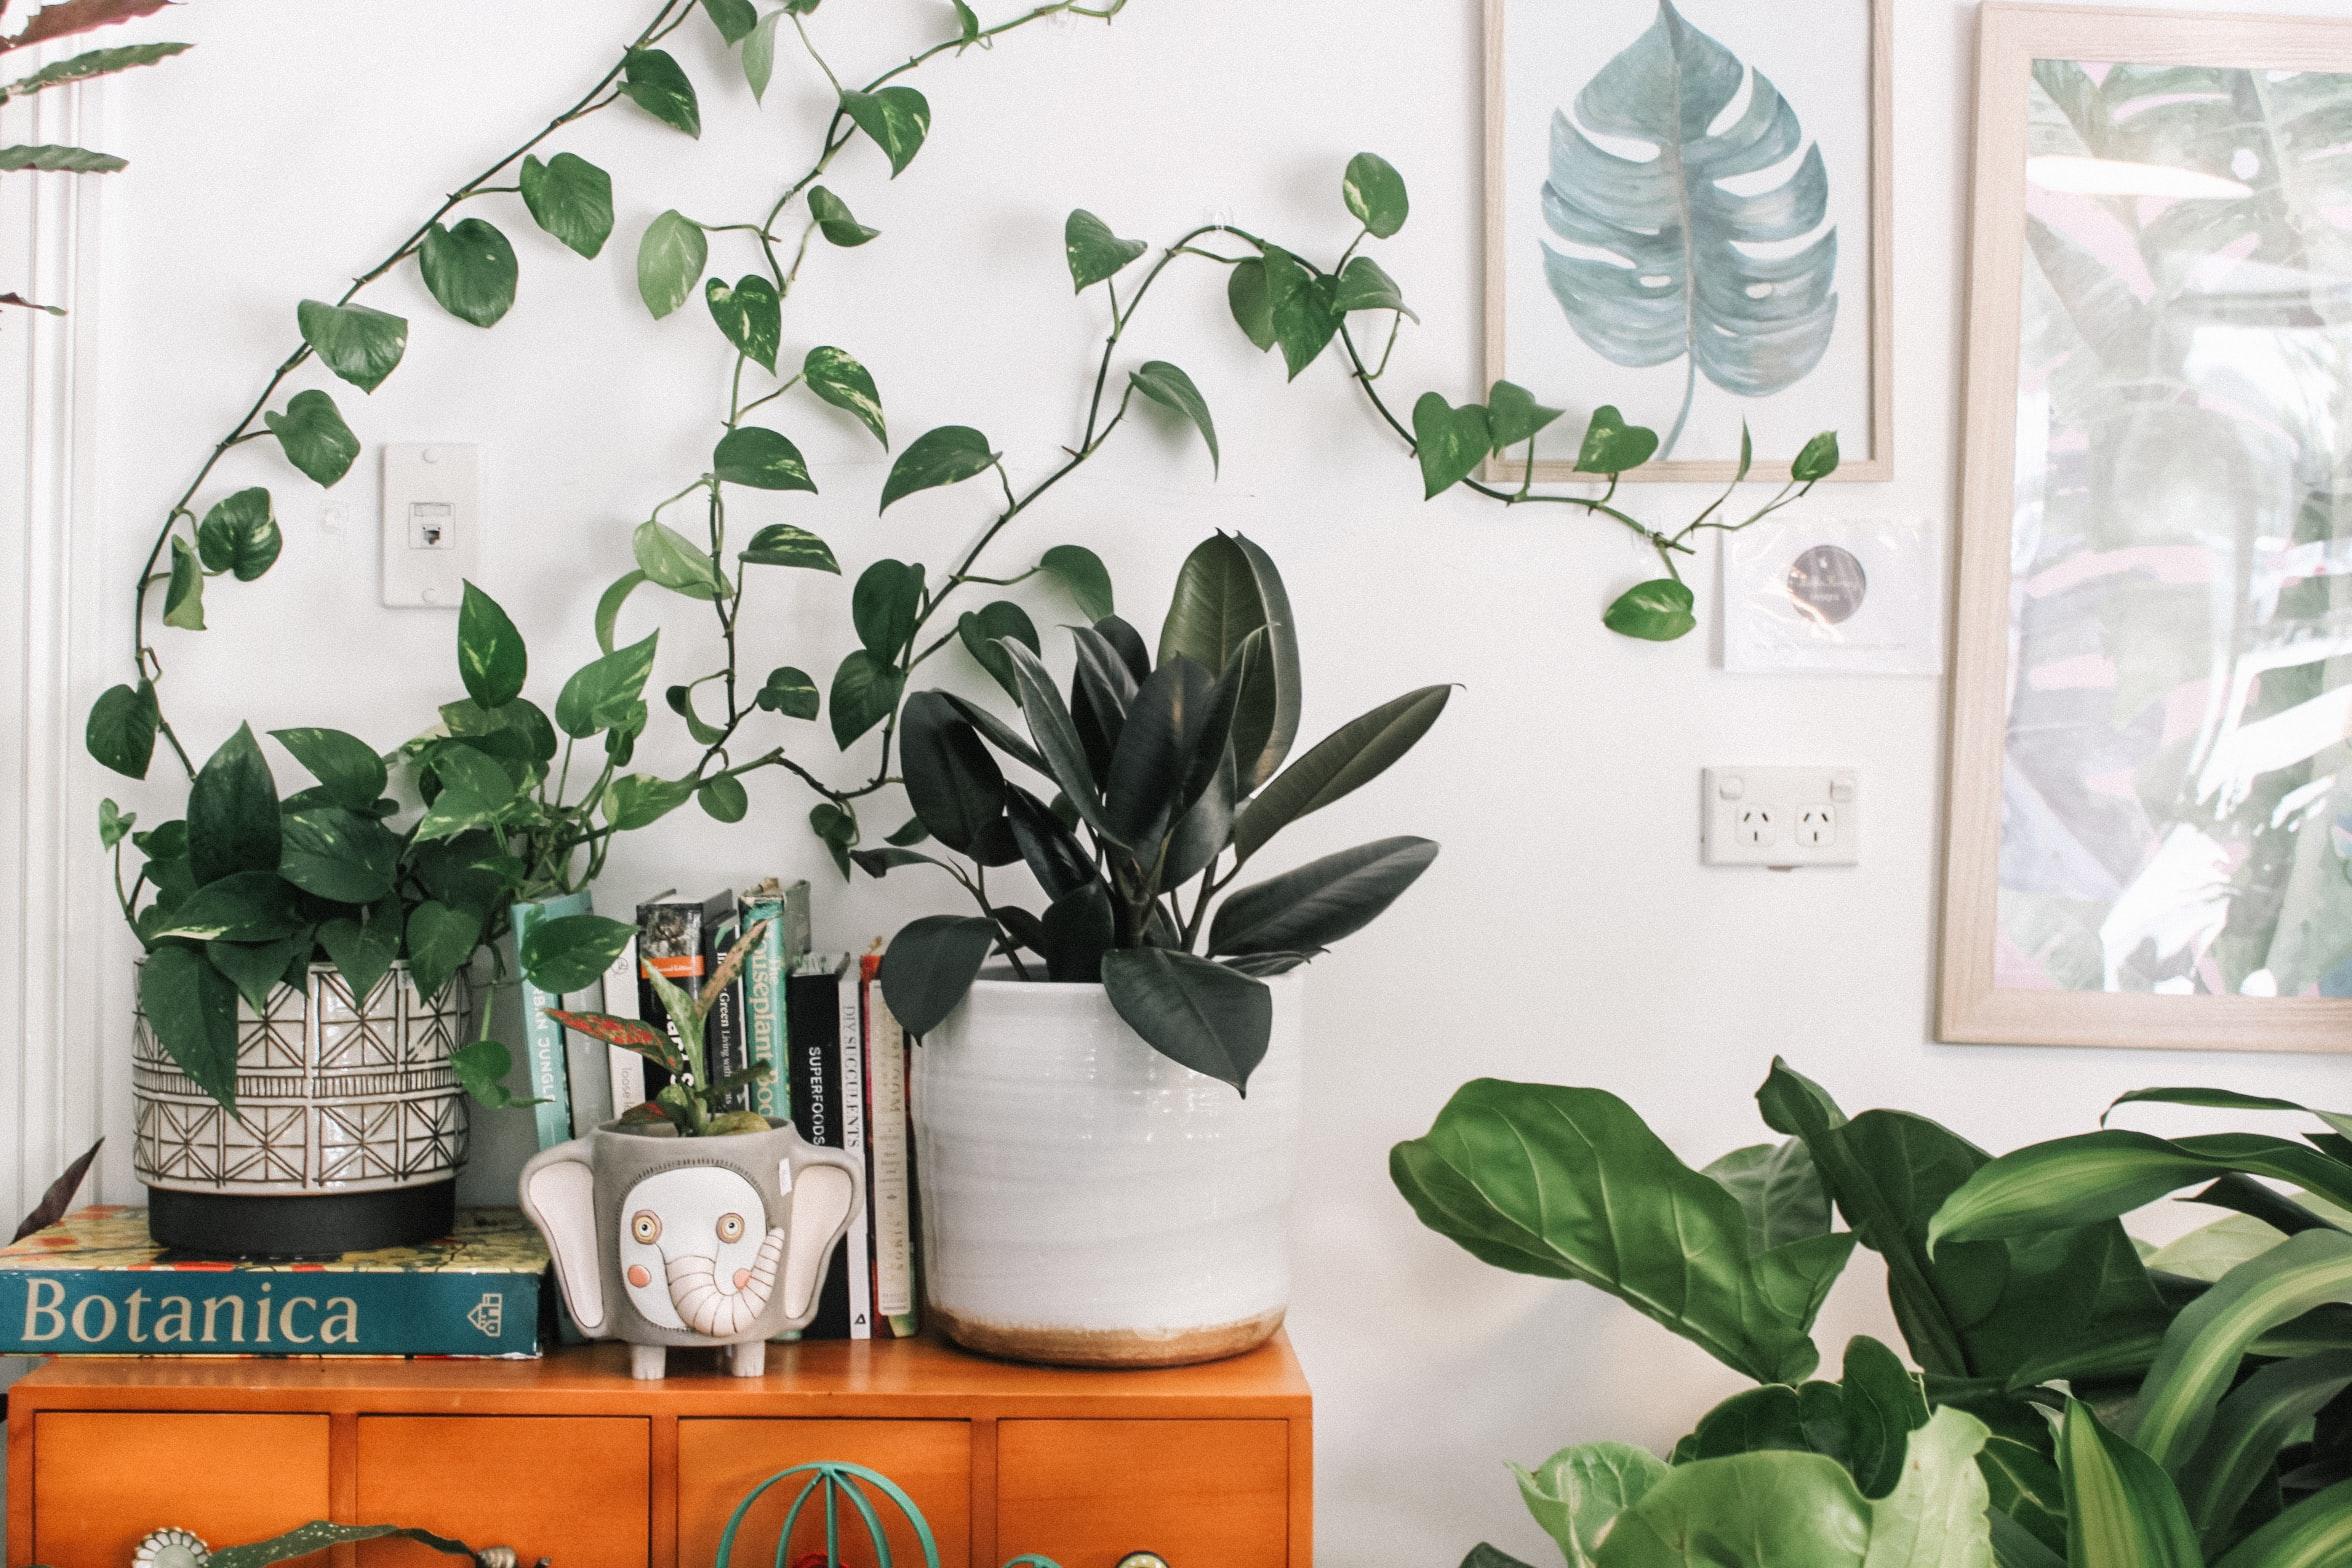 verschillende soorten kamerplanten